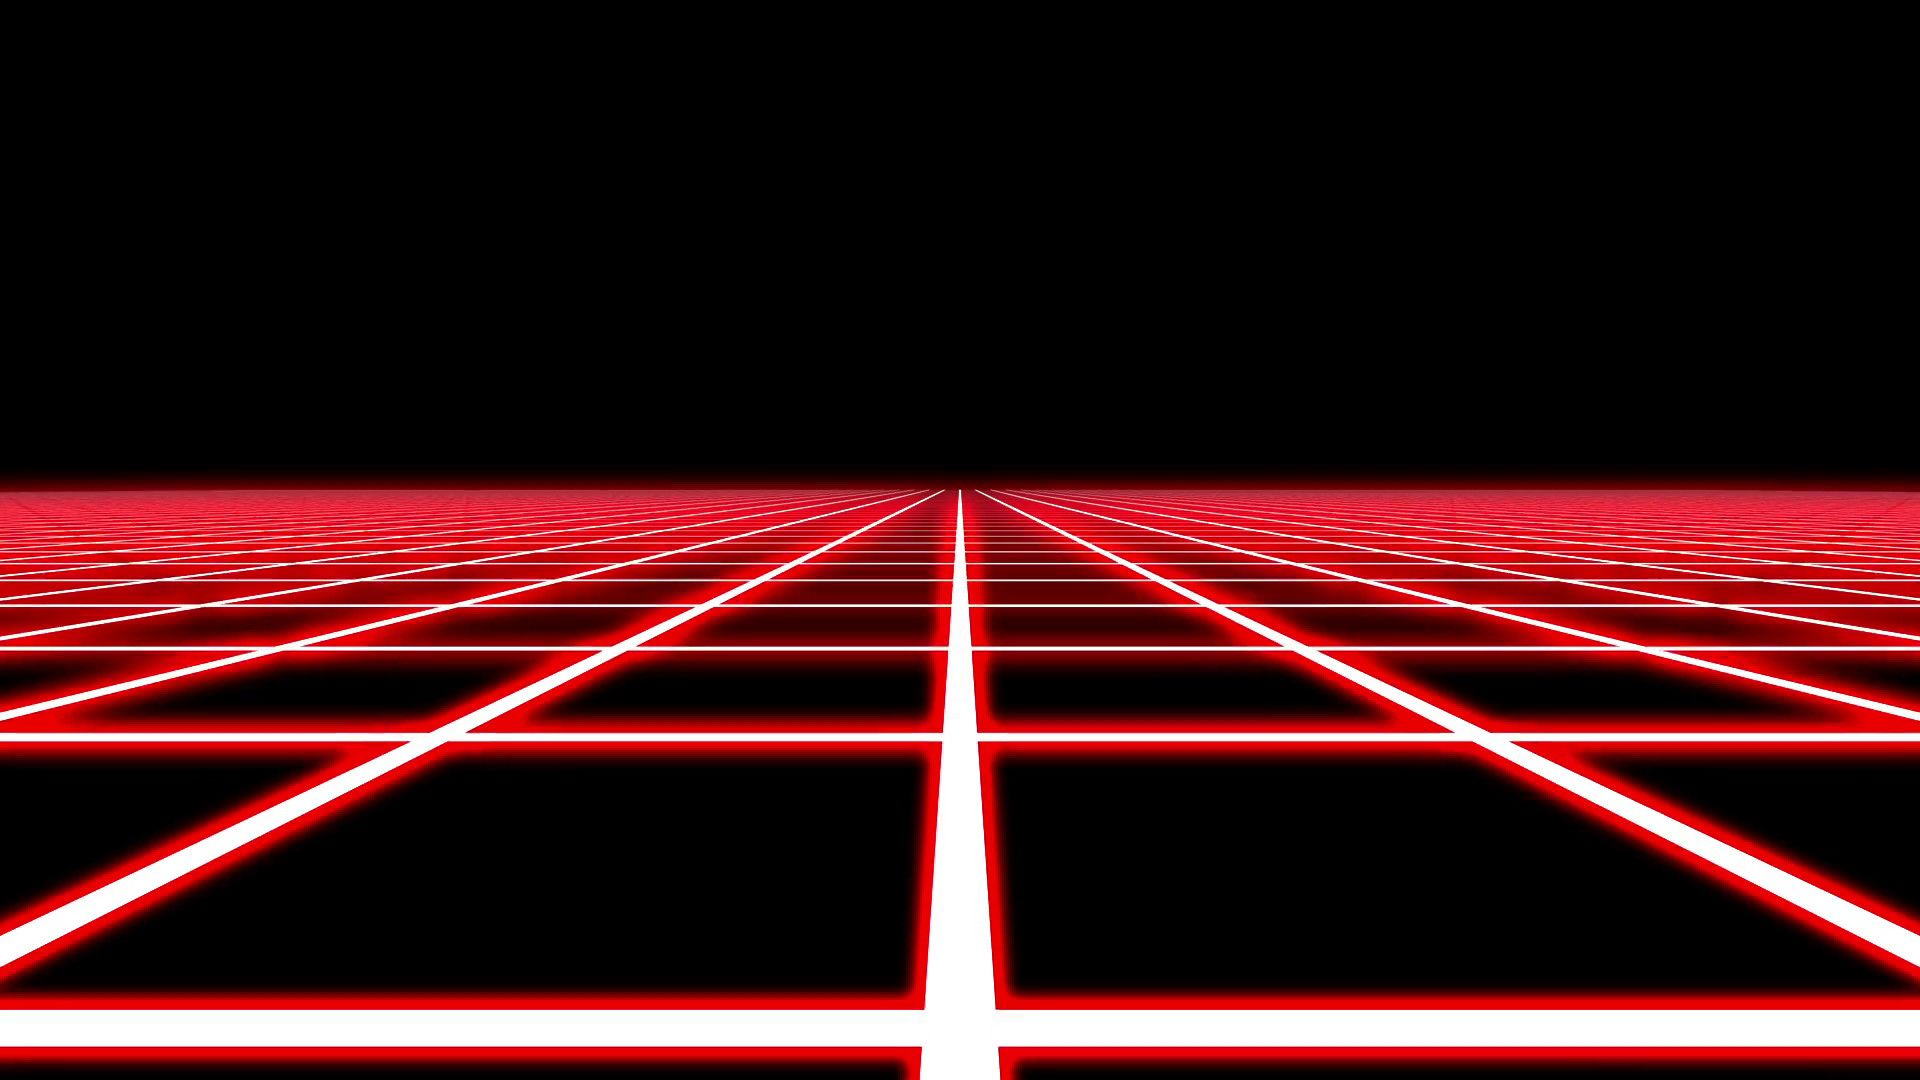 Red Neon Aesthetic Desktop Wallpapers Wallpaper Cave